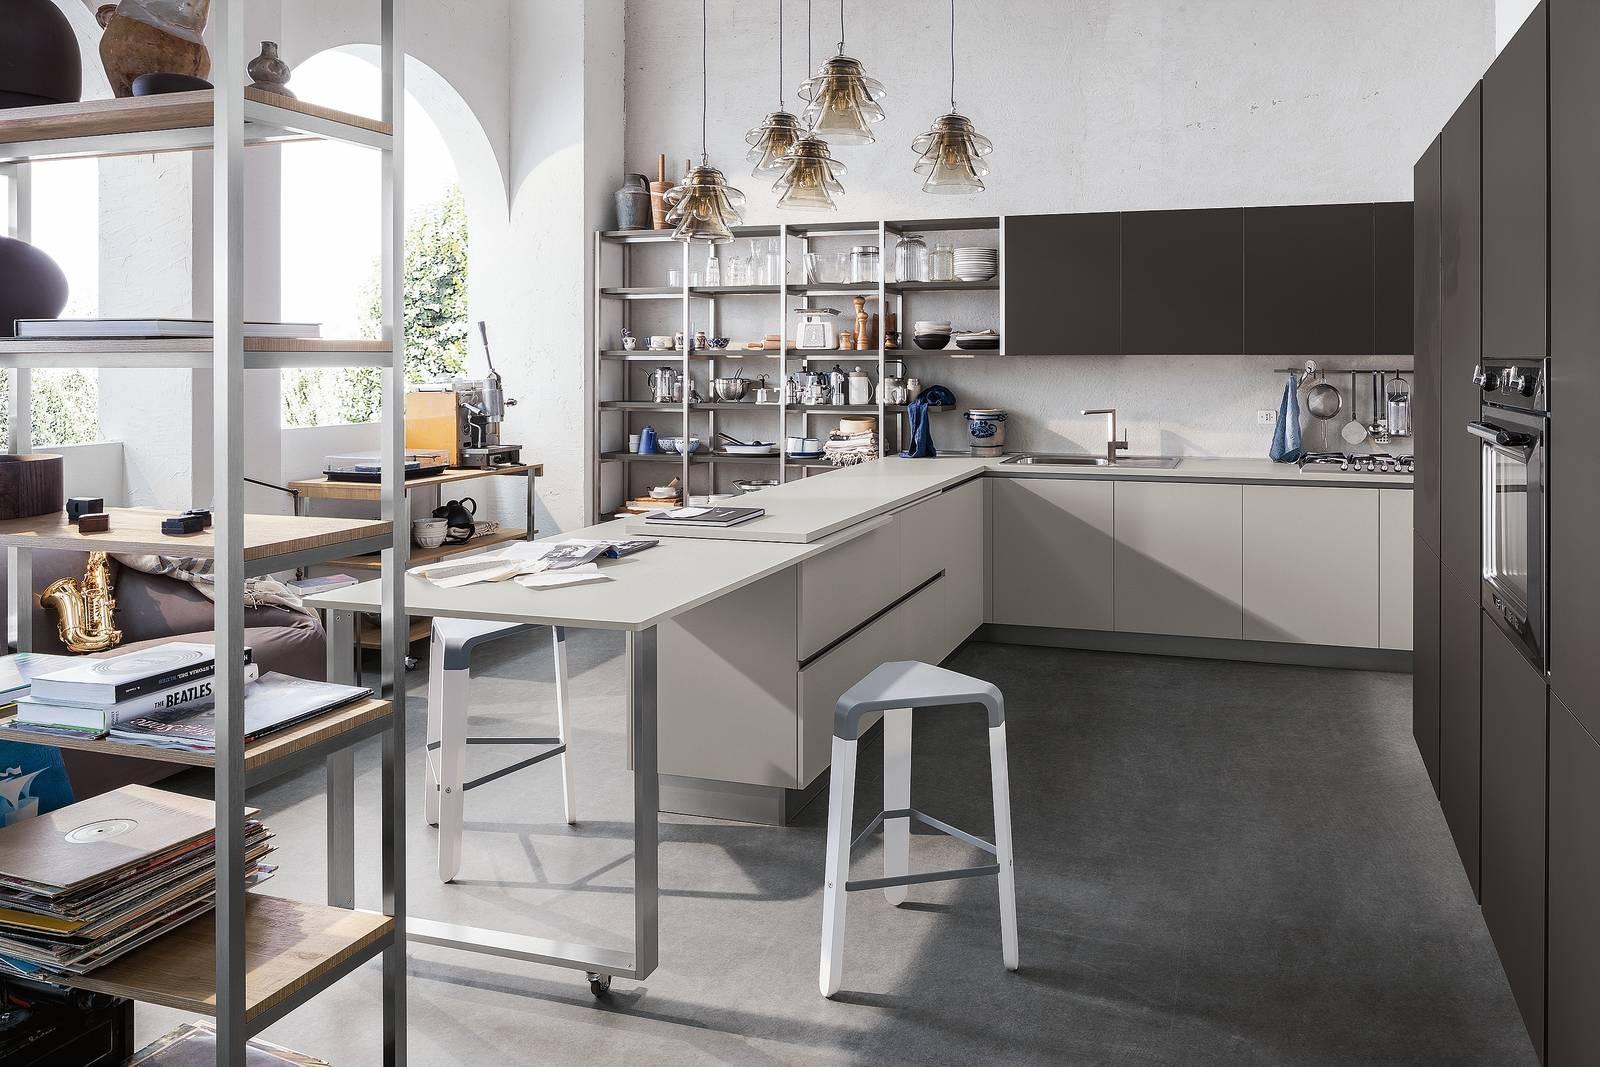 Cucina a vista: il tavolo come piano in più. Su ruote, estraibile ...